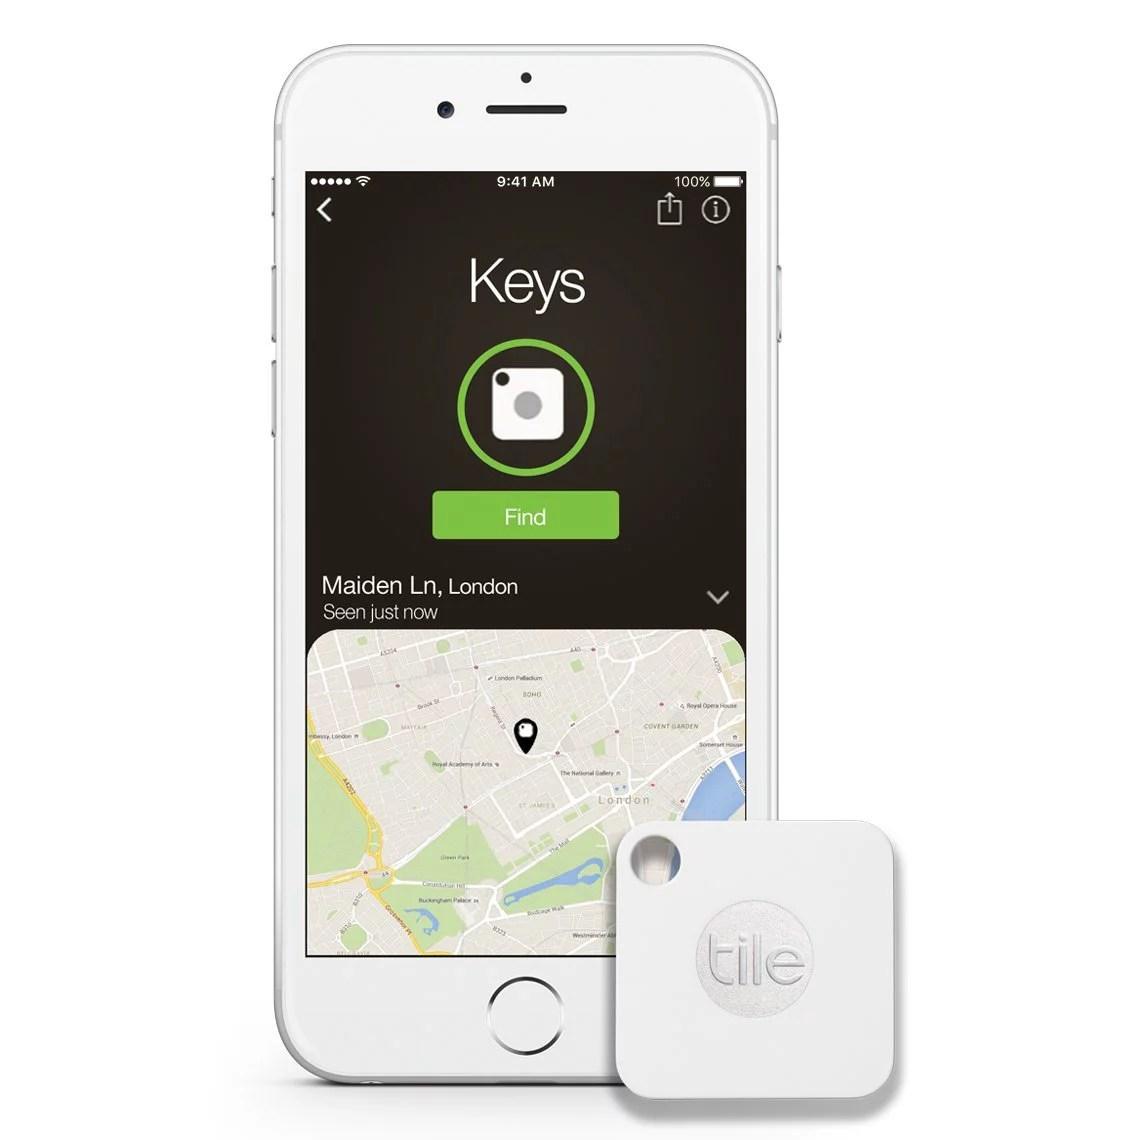 tile mate key phone finder bluetooth tracker water resistant 150 ft 1 pack refurbished walmart com